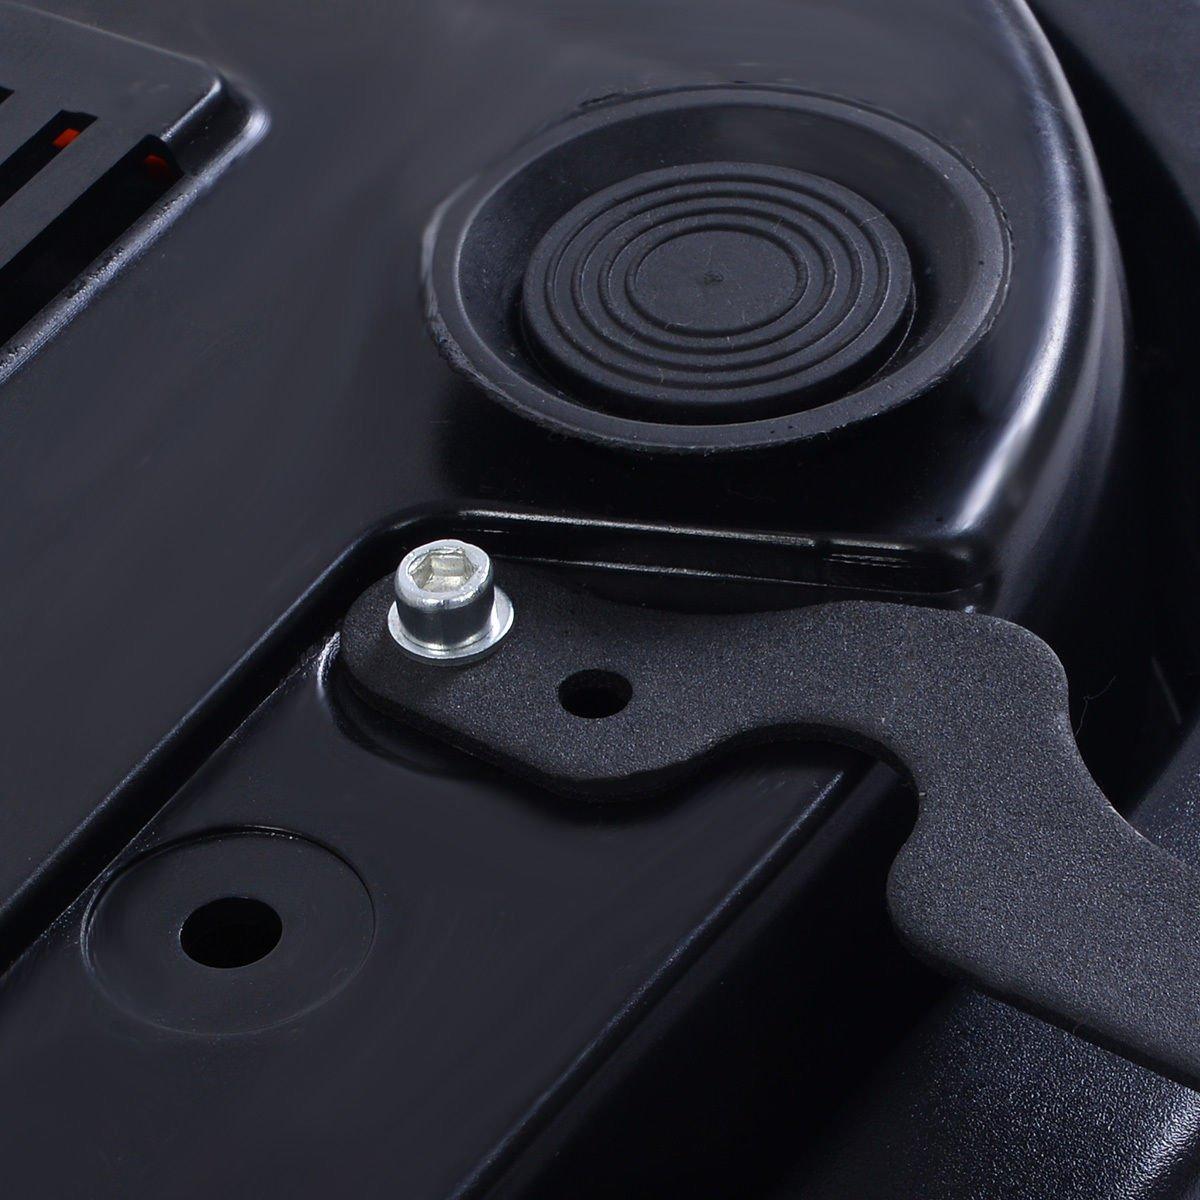 Tangkula Ultrathin Mini Crazy Fit Vibration Platform Massage Machine Fitness Gym (Black) by Tangkula (Image #9)